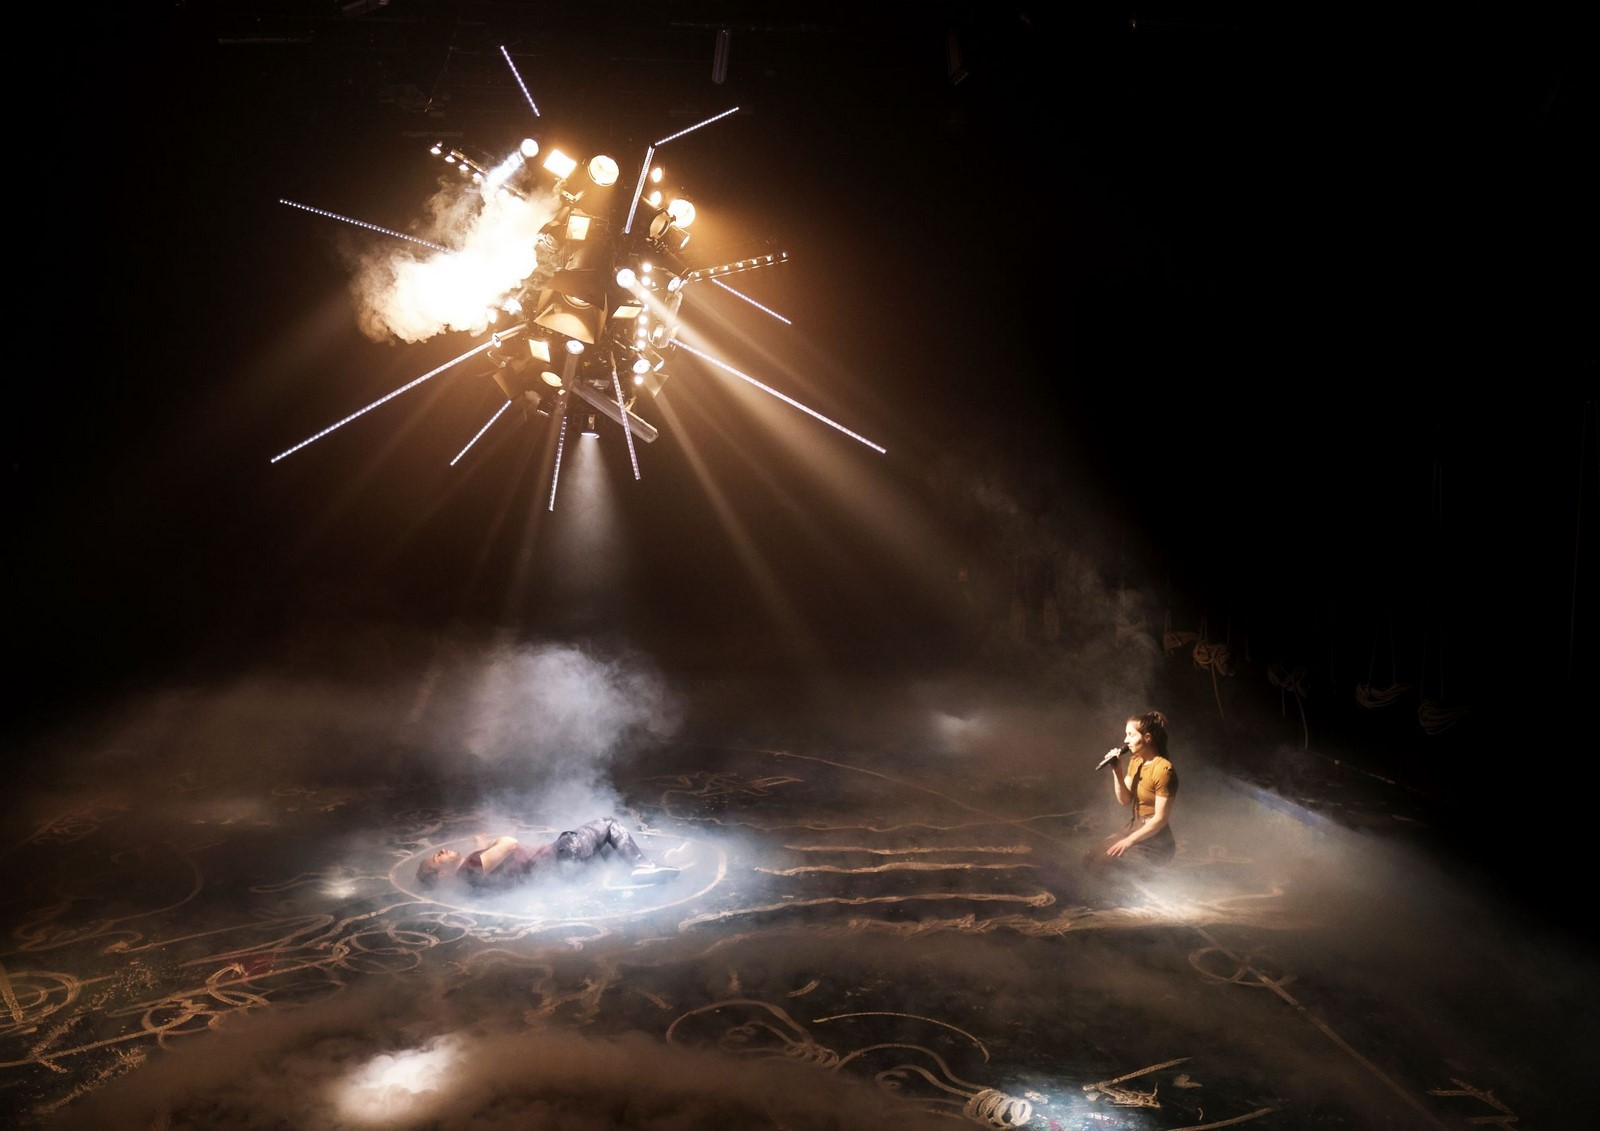 Anmeldelse: Apokalypse, Teater Momentum